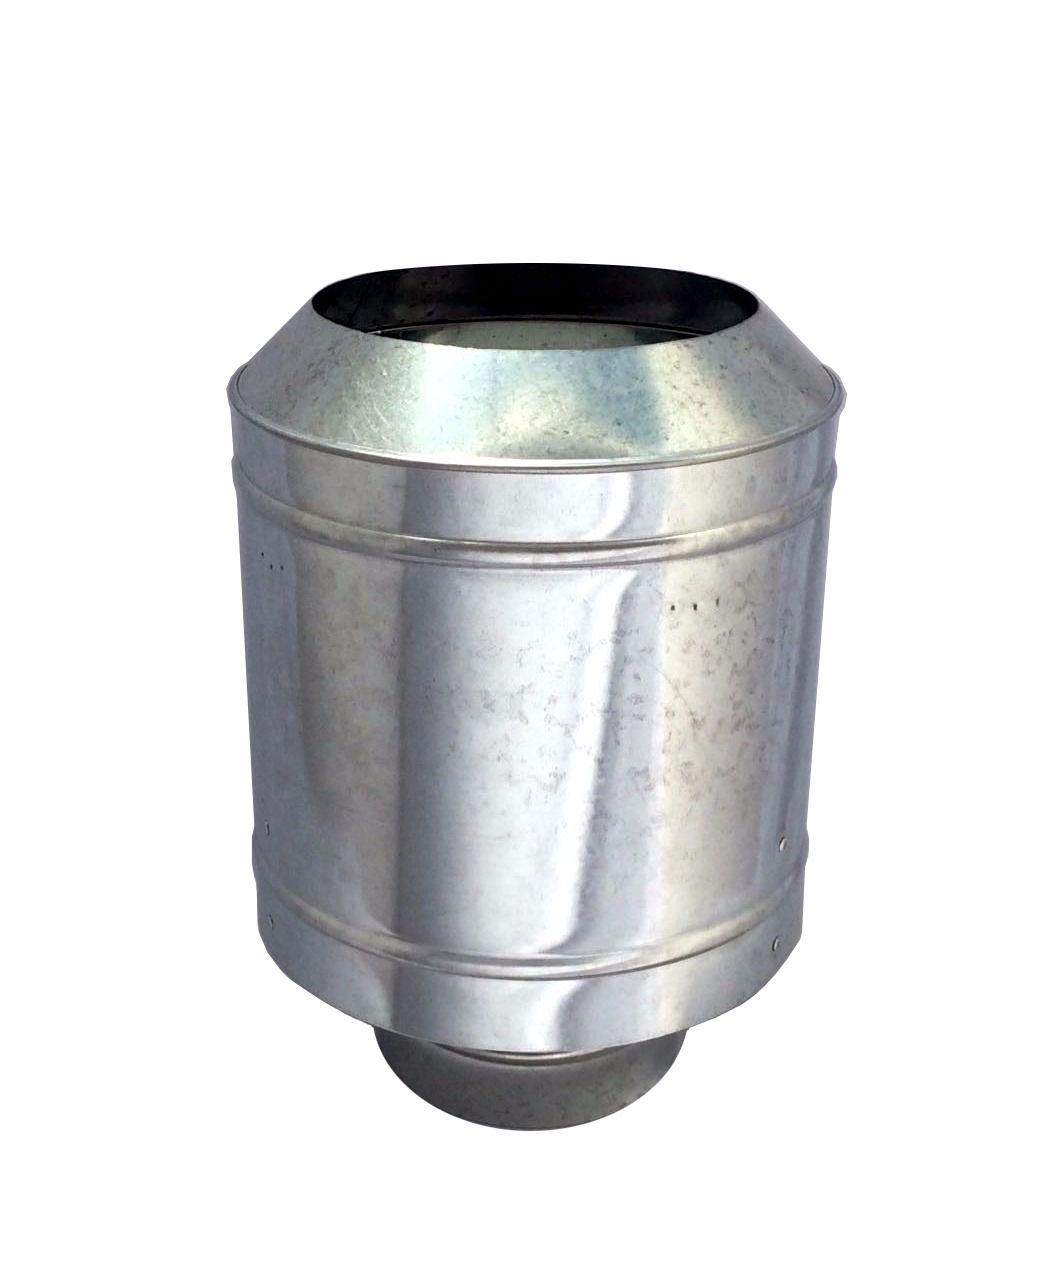 Chapéu galvanizado tipo canhão sputinik para chaminé de 130 mm de diâmetro  - Galvocalhas